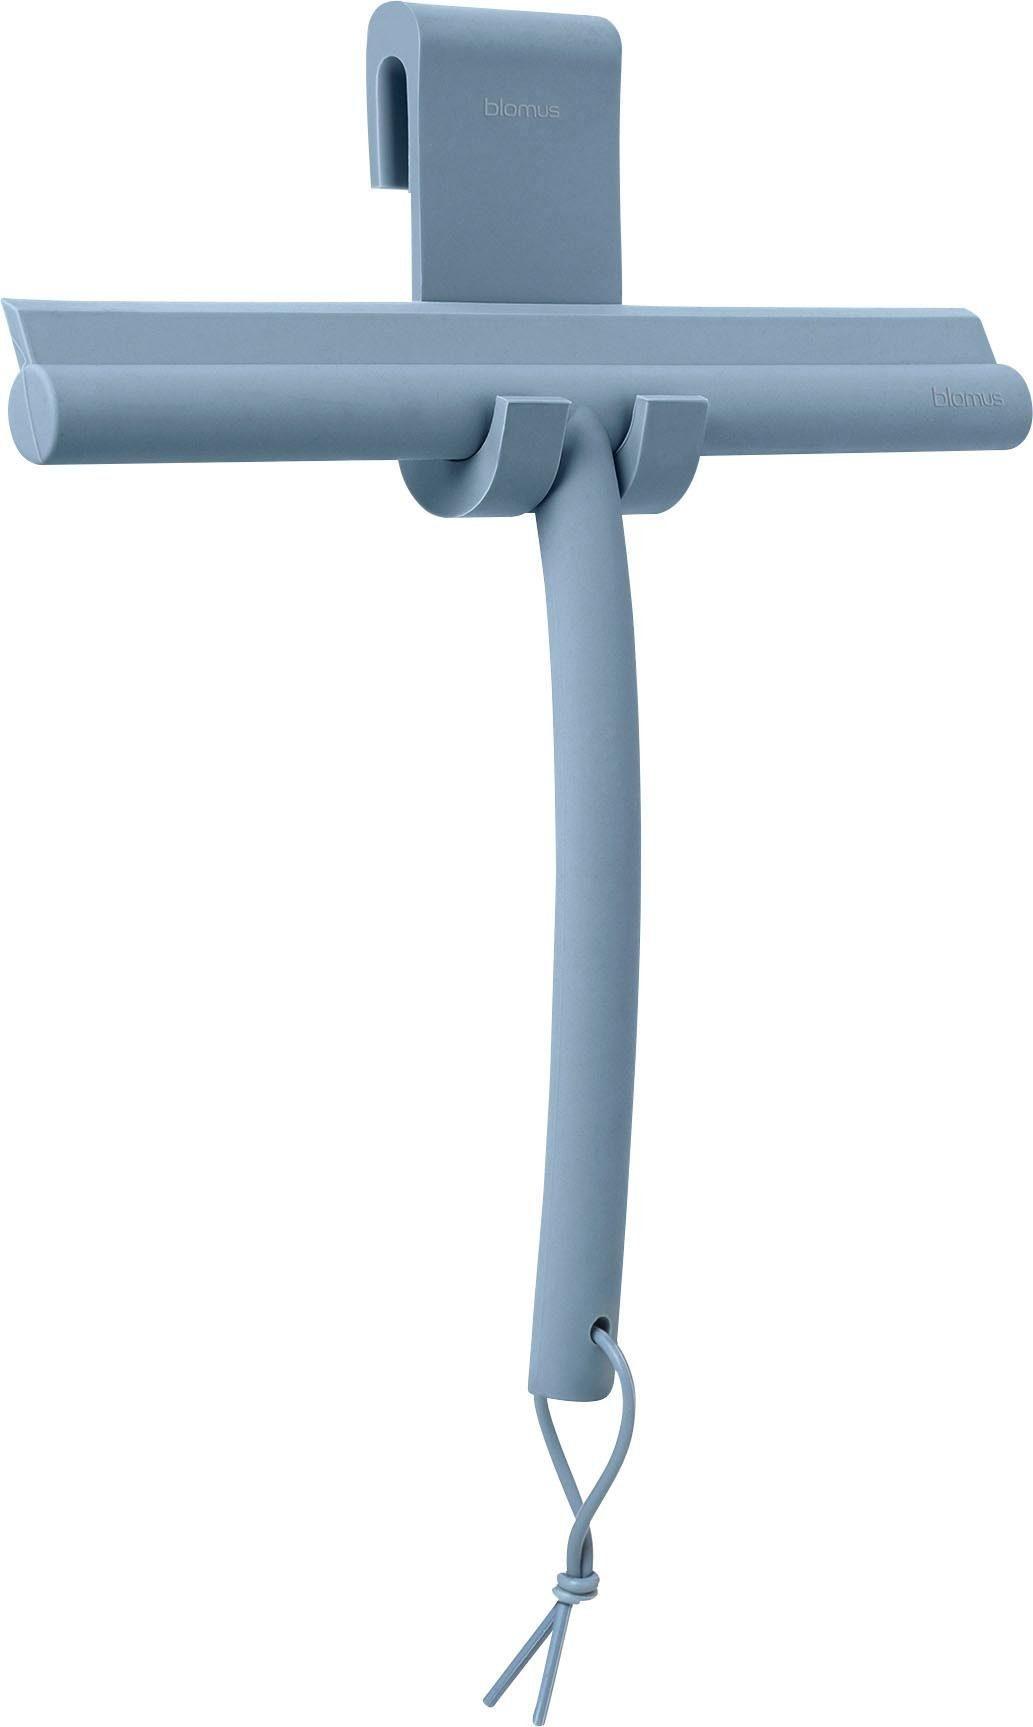 BLOMUS Wasserabzieher, VIPO blau Duschzubehör Duschen Bad Sanitär Wasserabzieher